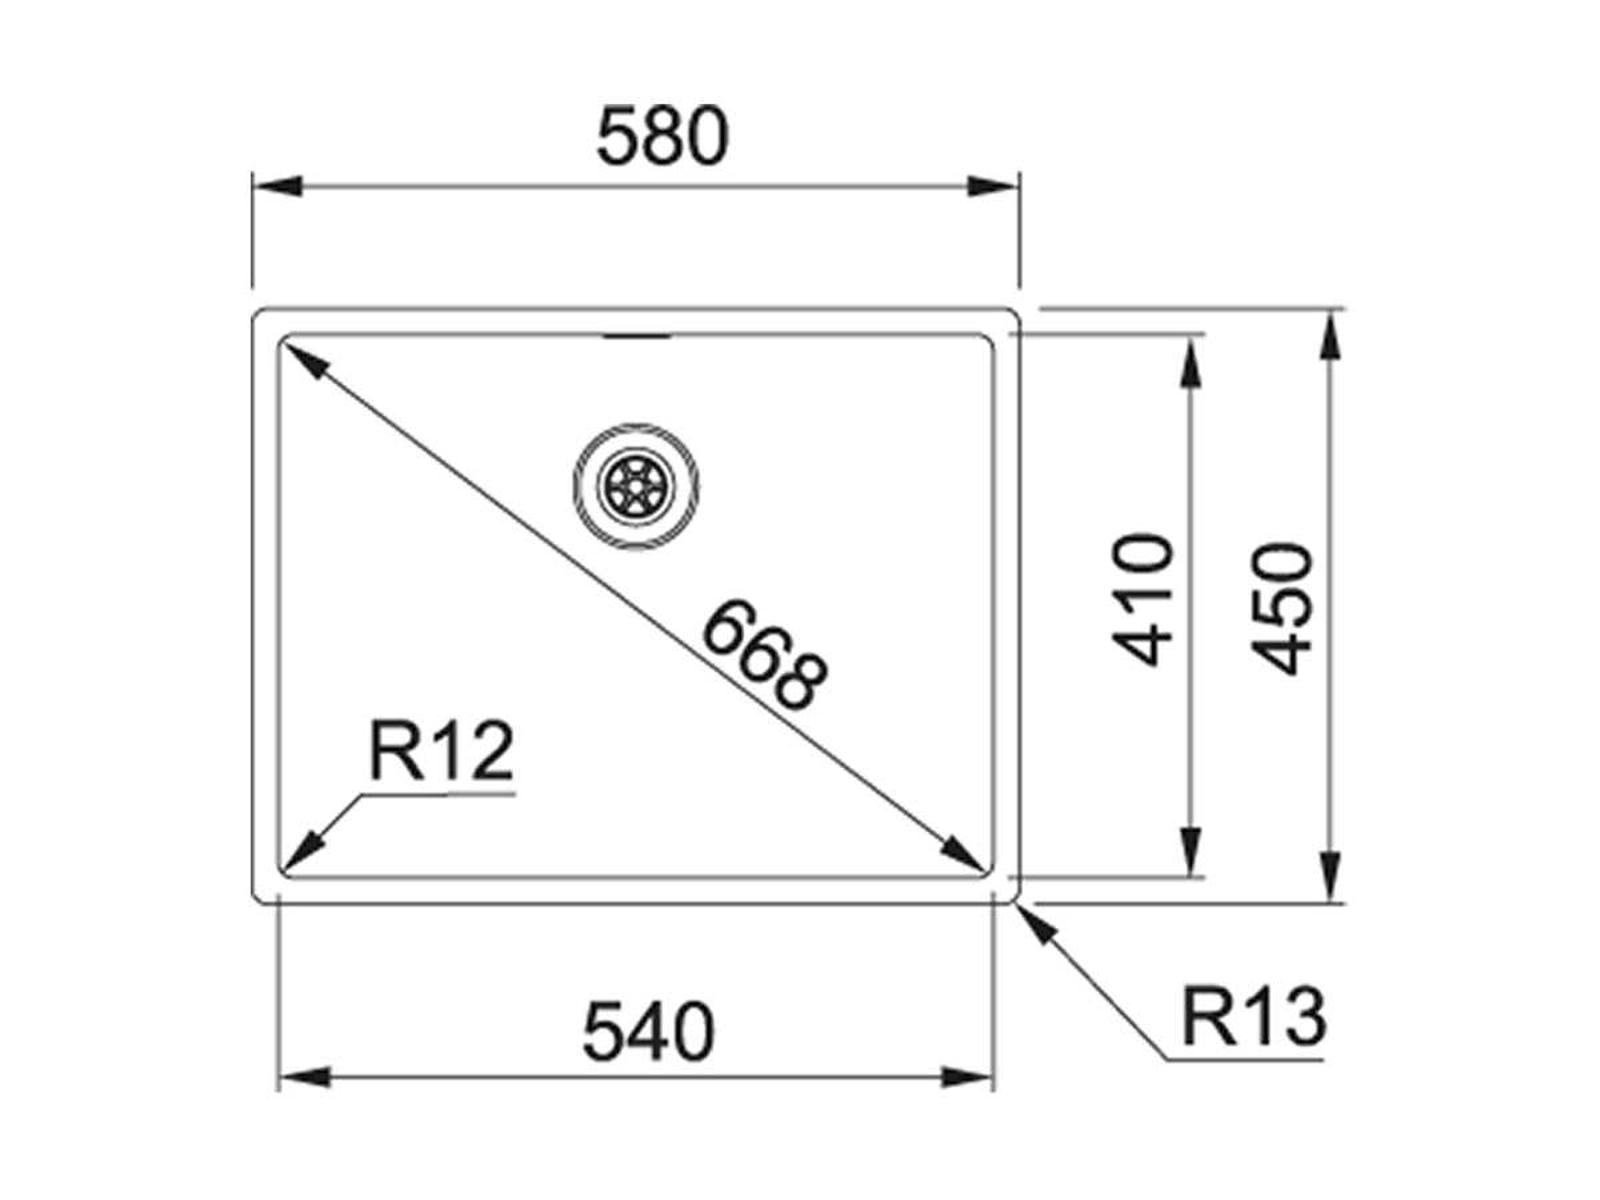 Franke Box BXX 210/110-54 Edelstahlspüle glatt - 127.0361.222 Auflage flächenbündig Unterbau